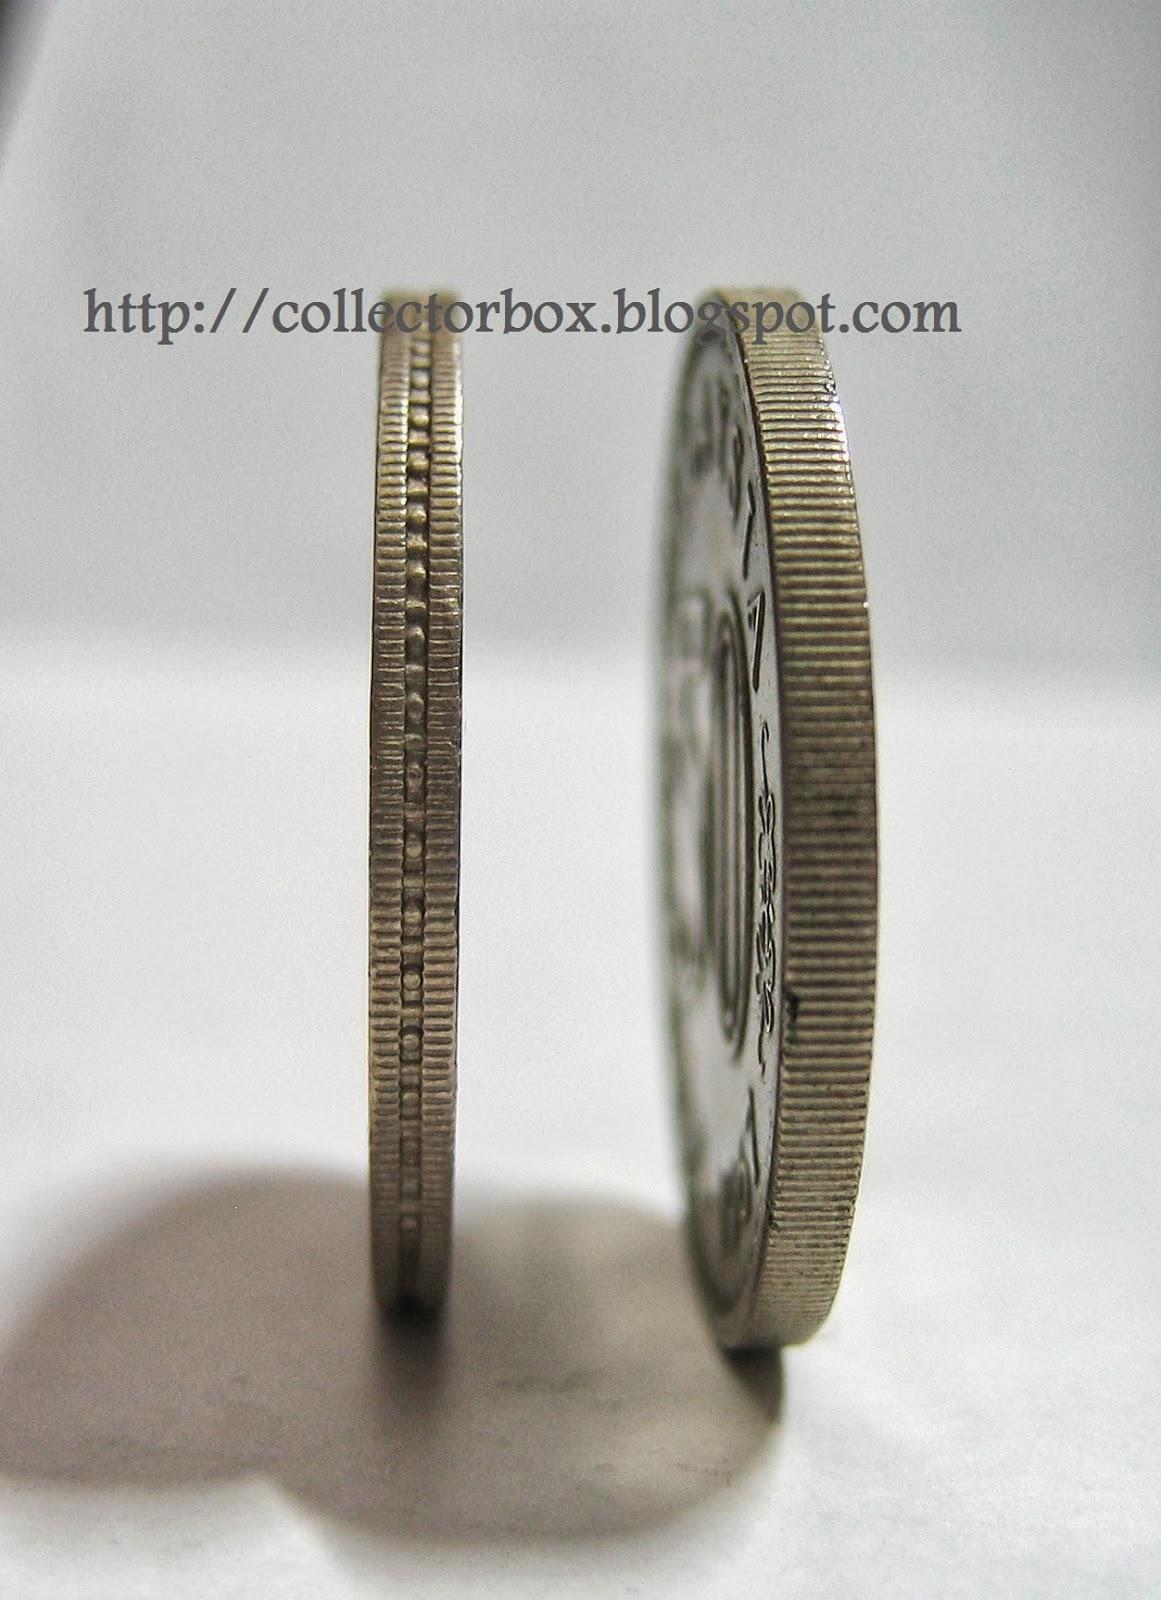 50 sen japanese coin